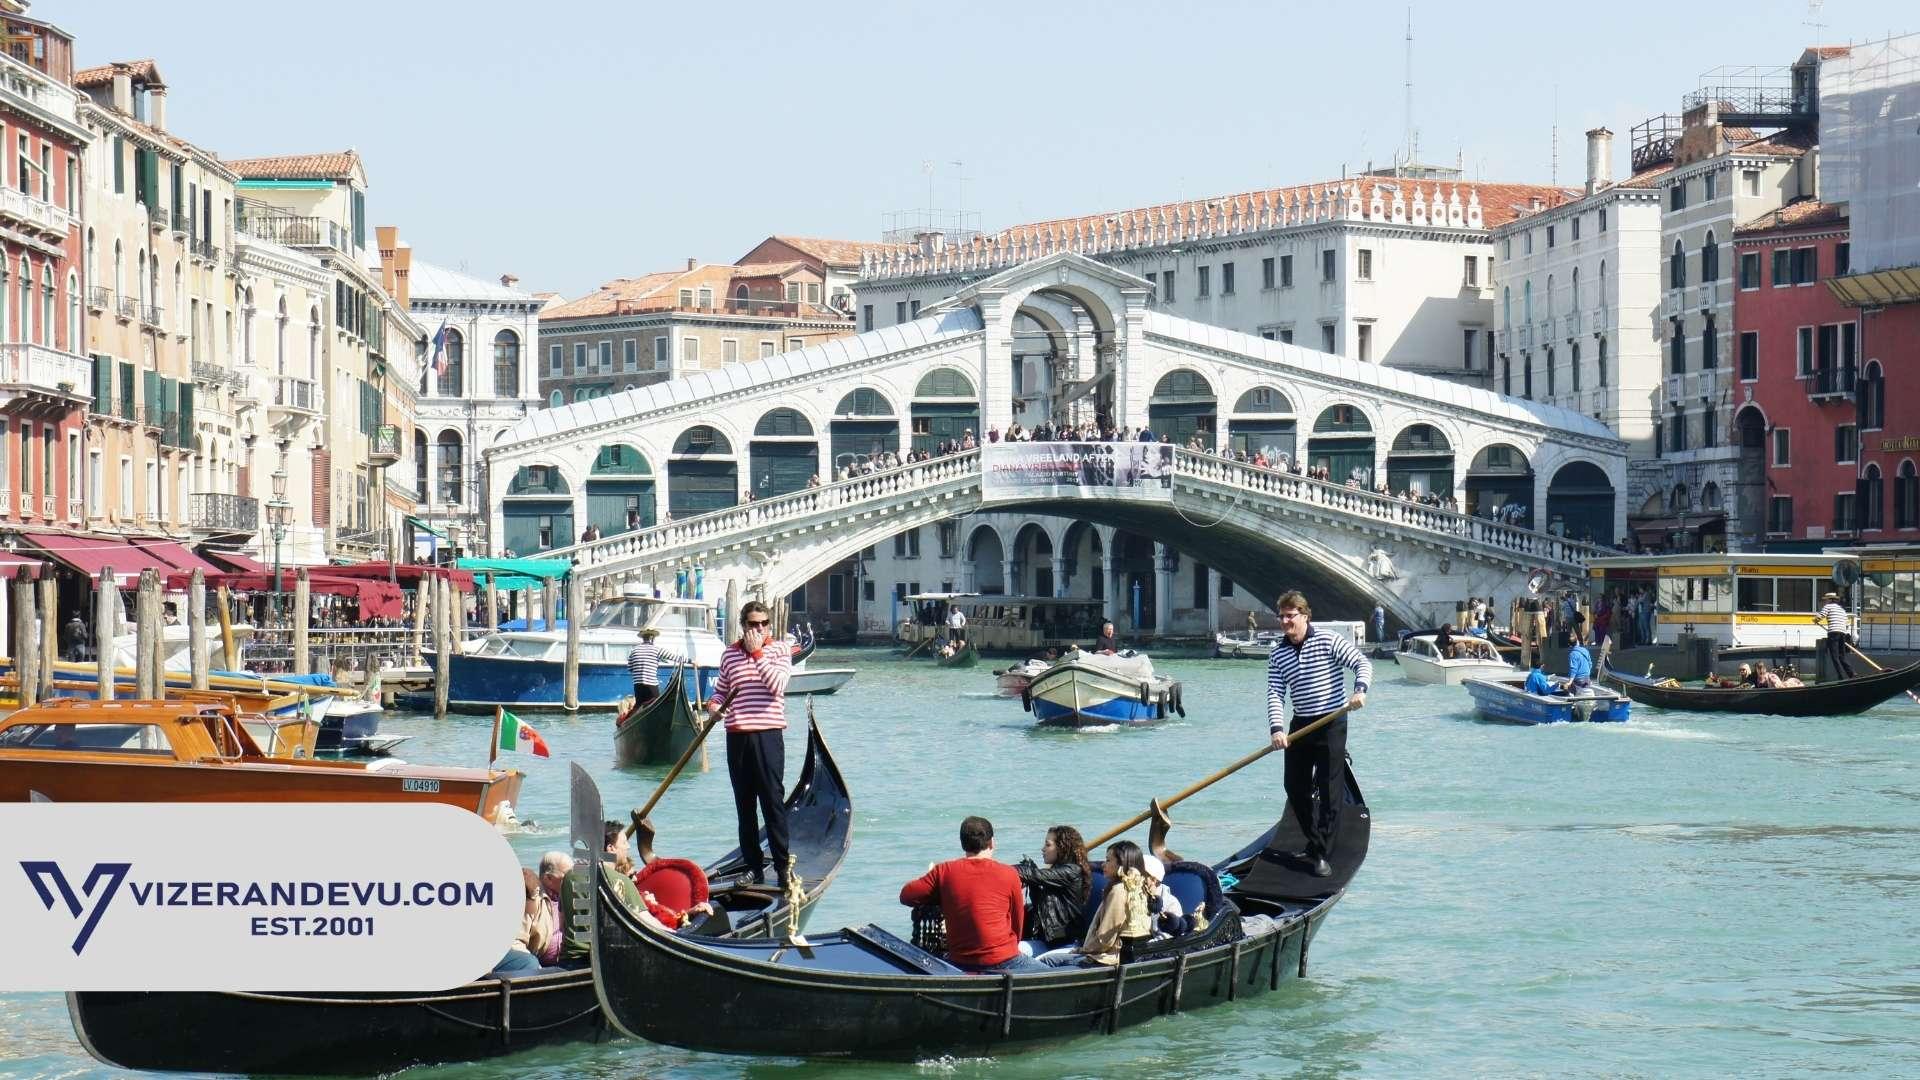 İtalya Vize Başvurusu Ne Zaman Yapılmalıdır?